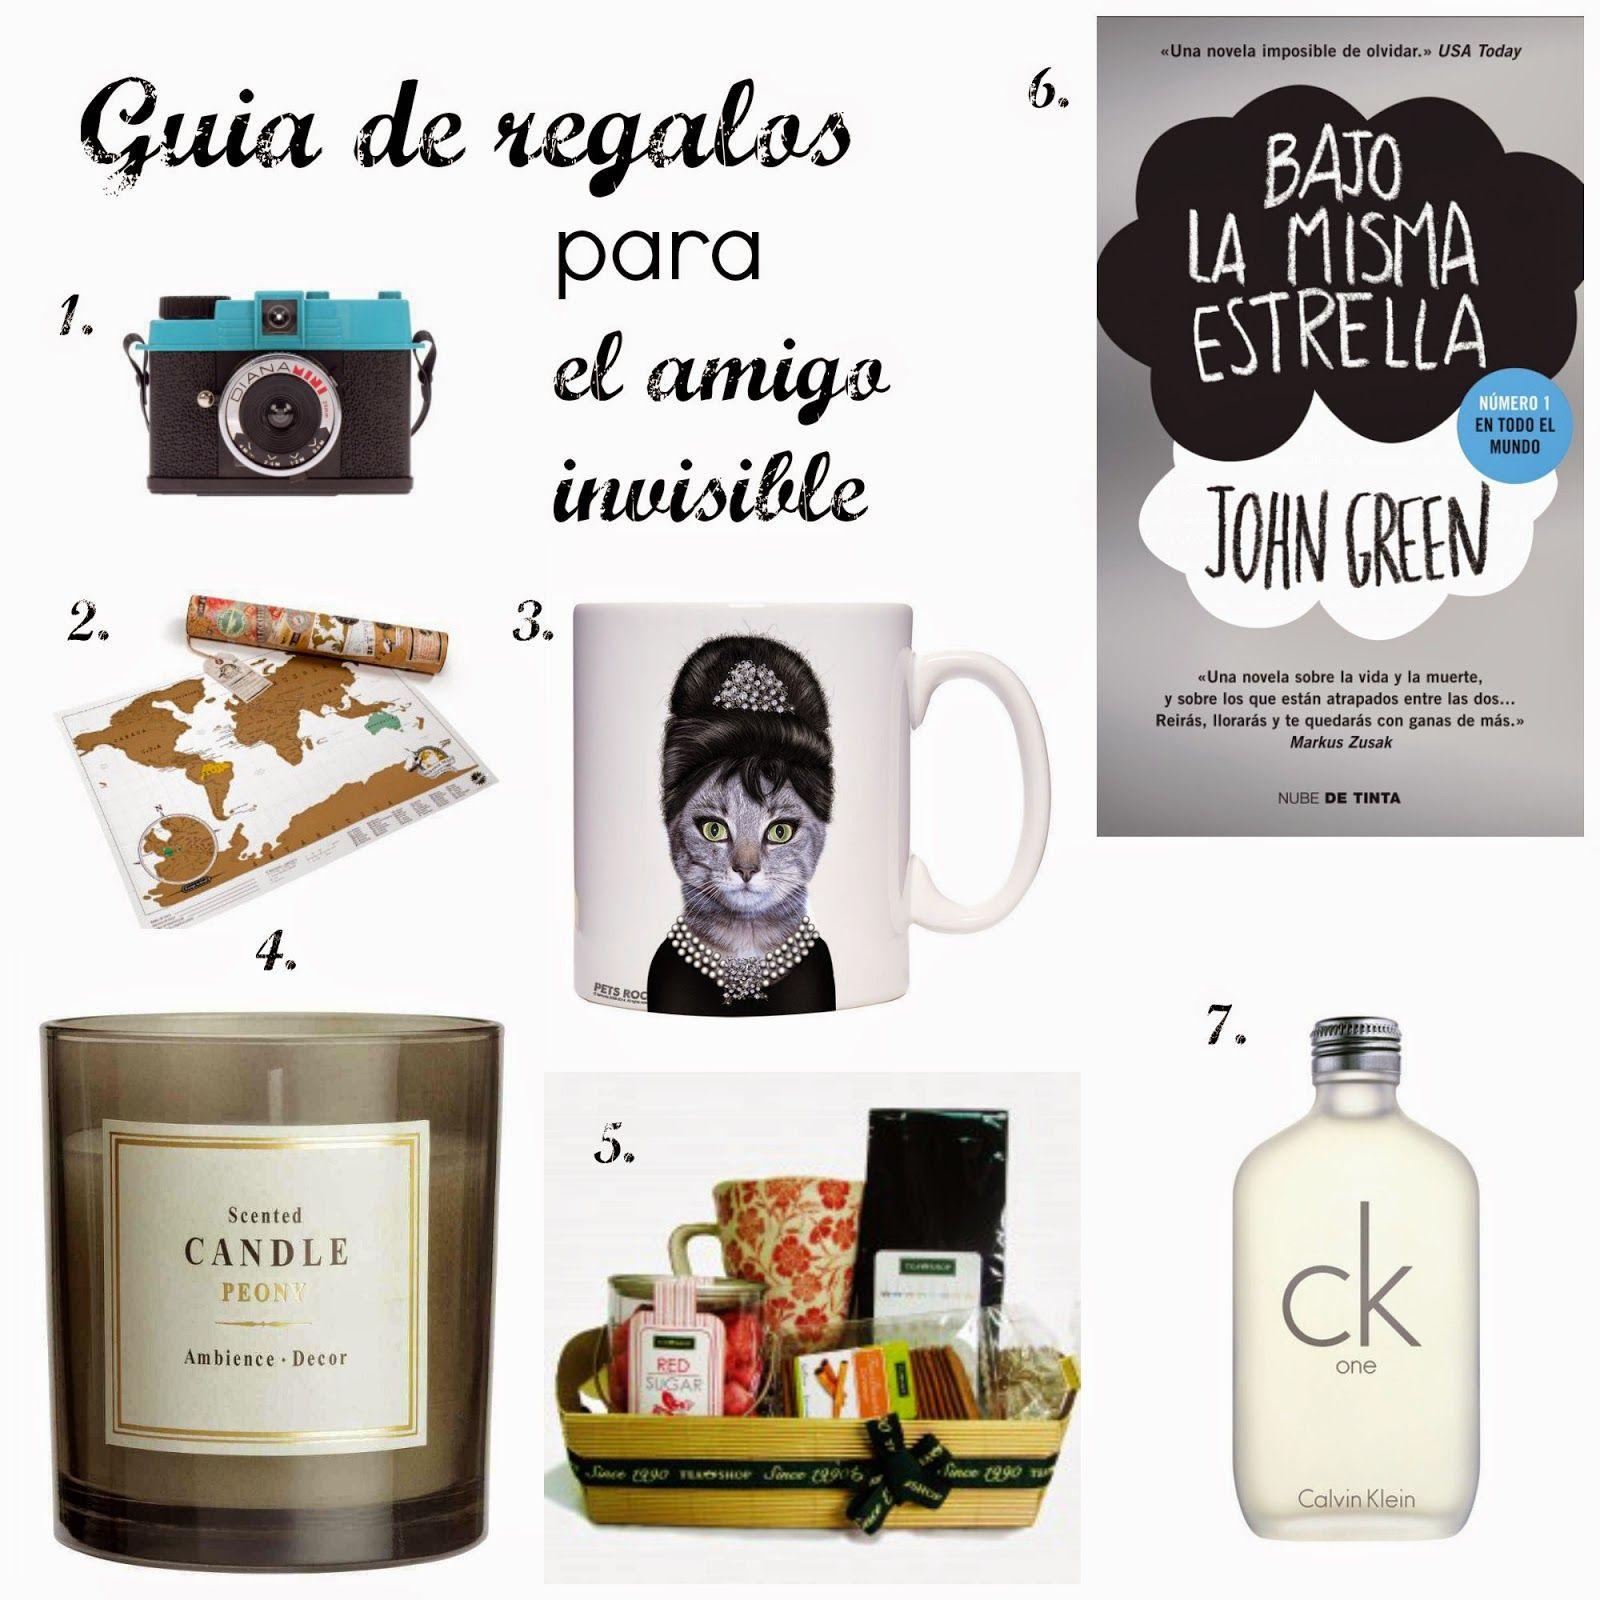 Gu a de regalos para el amigo invisible regalos for Regalos originales amigo invisible